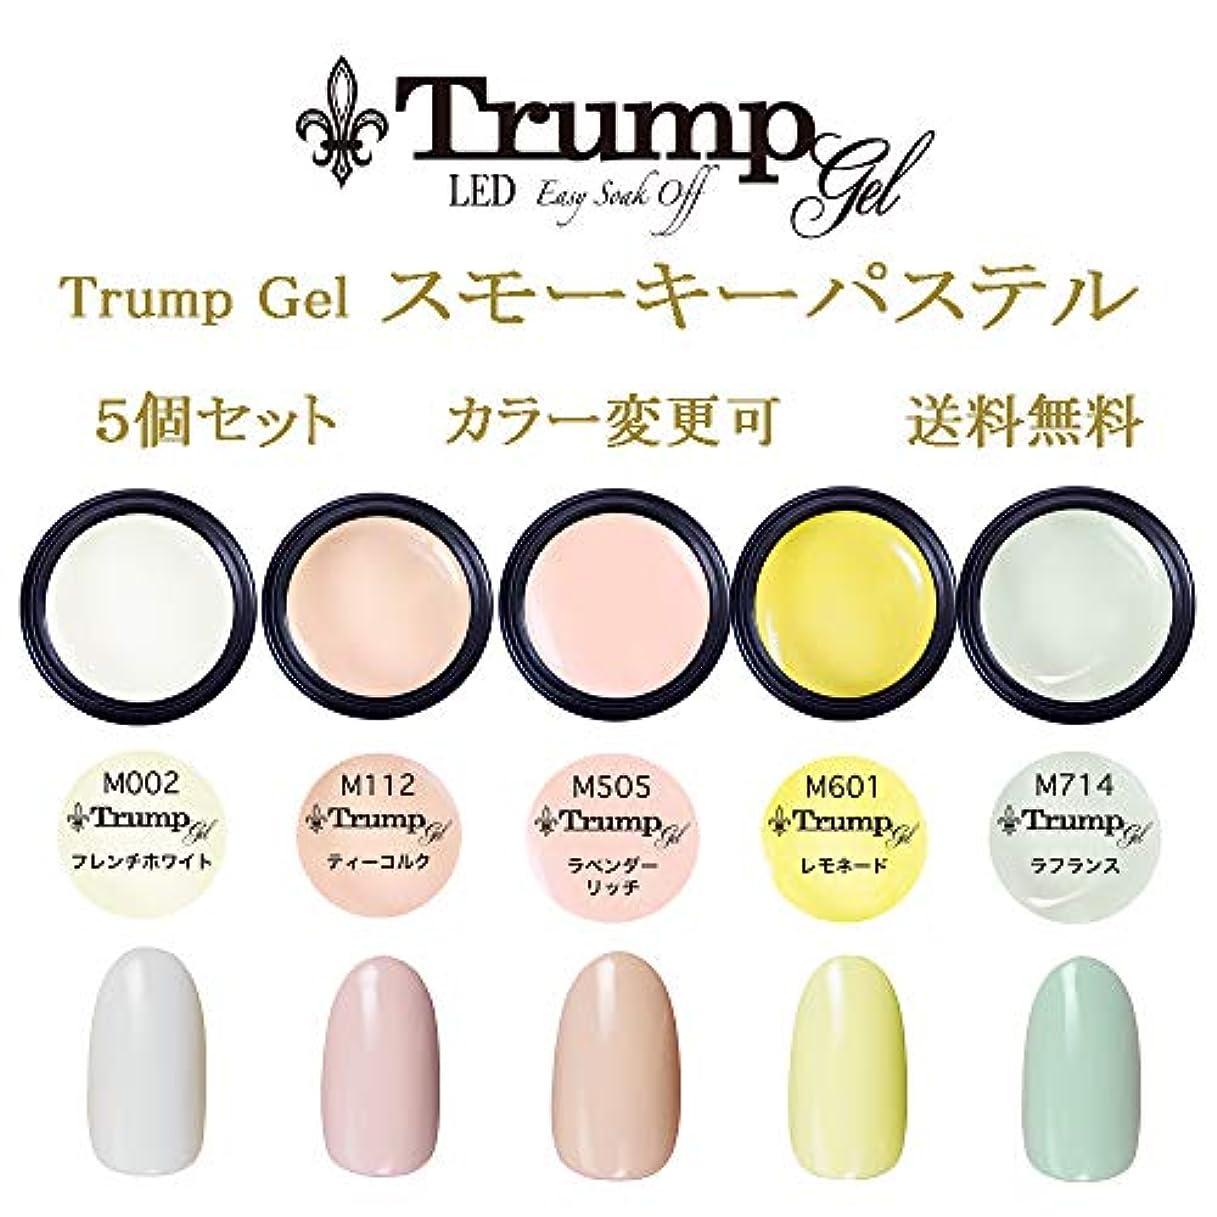 癌援助しなやか日本製 Trump gel トランプジェル スモーキー パステルカラー 選べる カラージェル5個セット ホワイト ベージュ ピンク イエロー グリーン